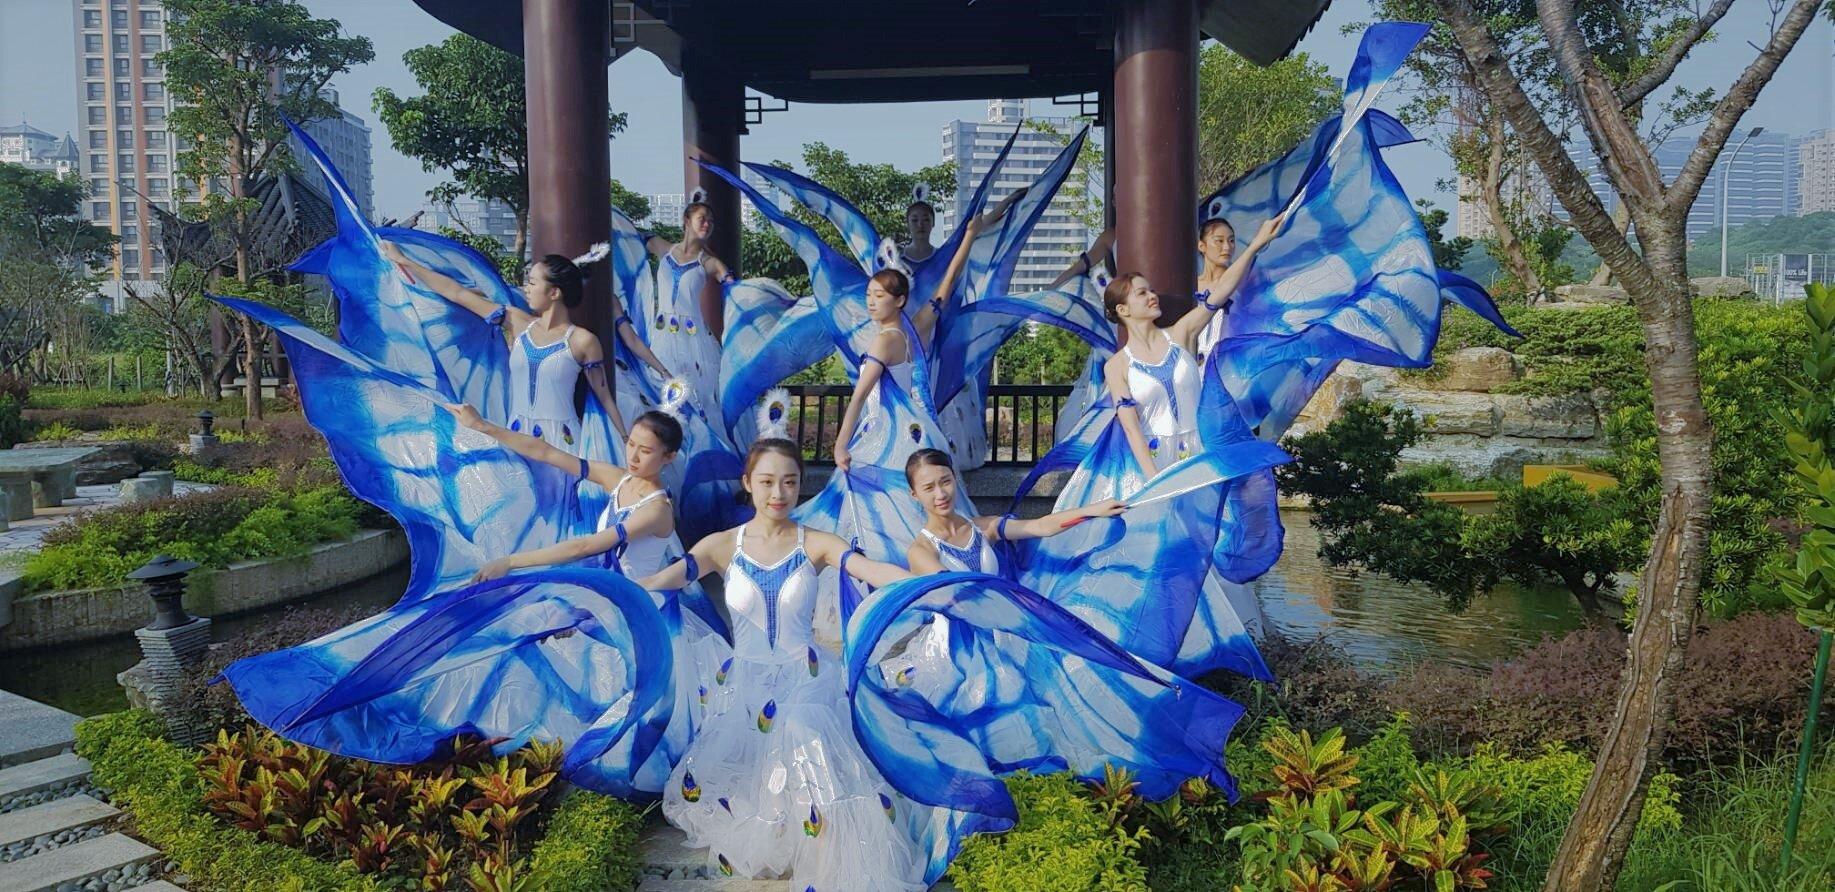 Butterfly dance: 蝴蝶飛舞